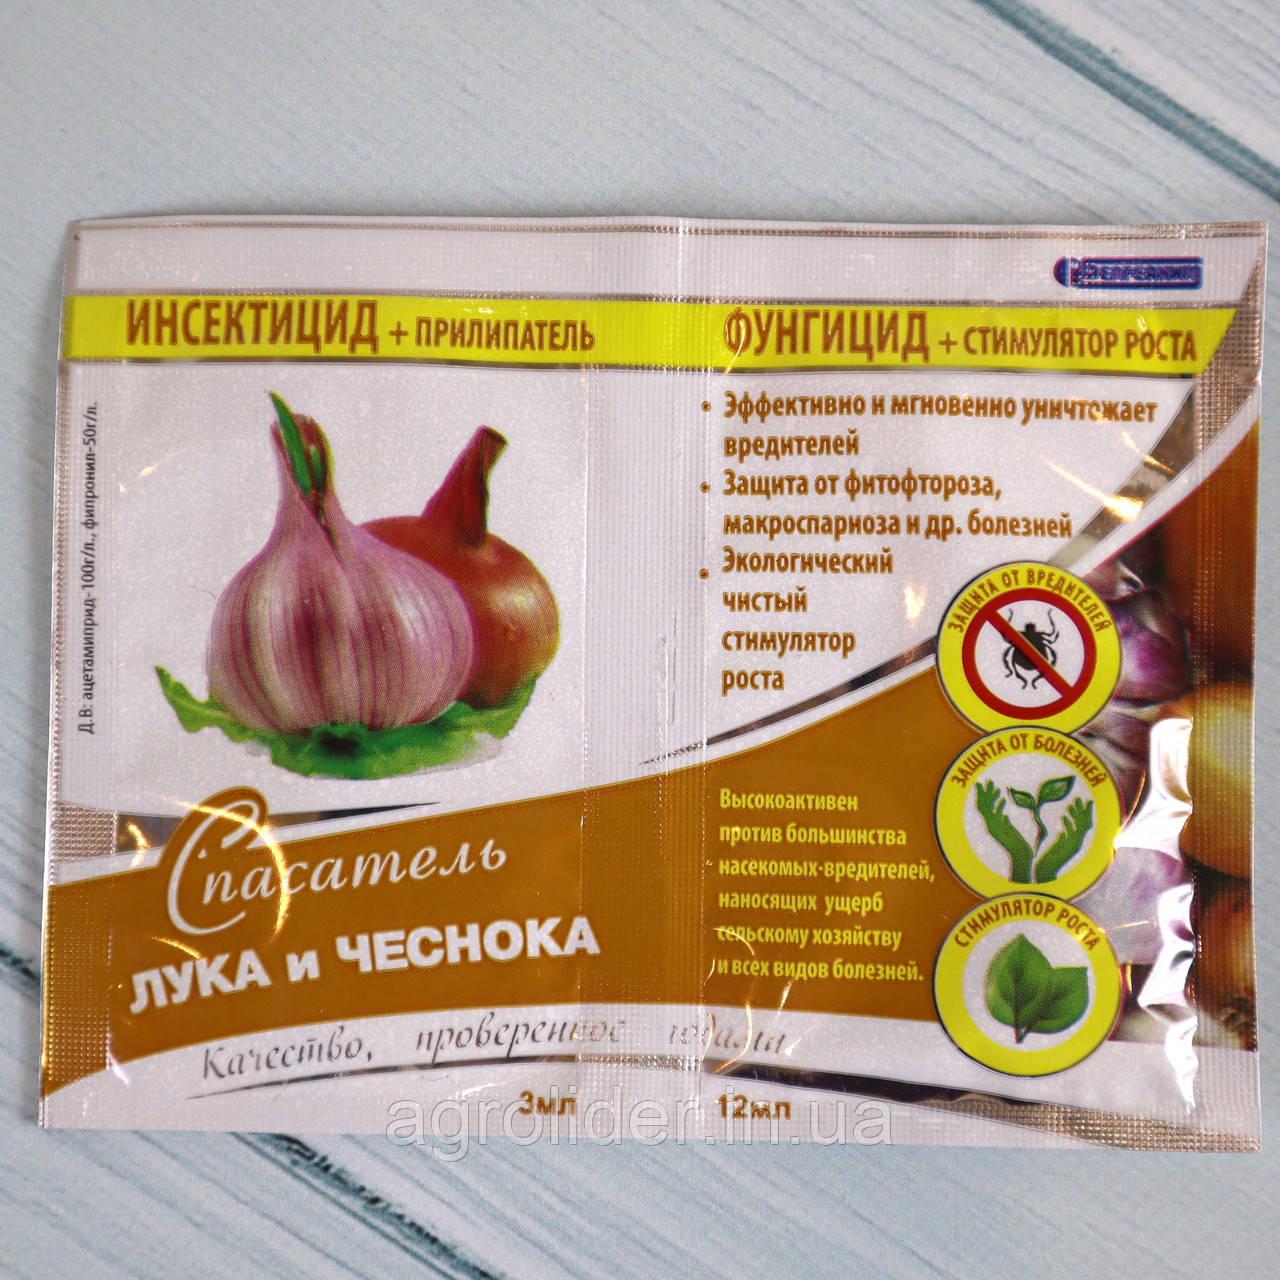 Инсектицид «Спасатель для лука и чеснока»